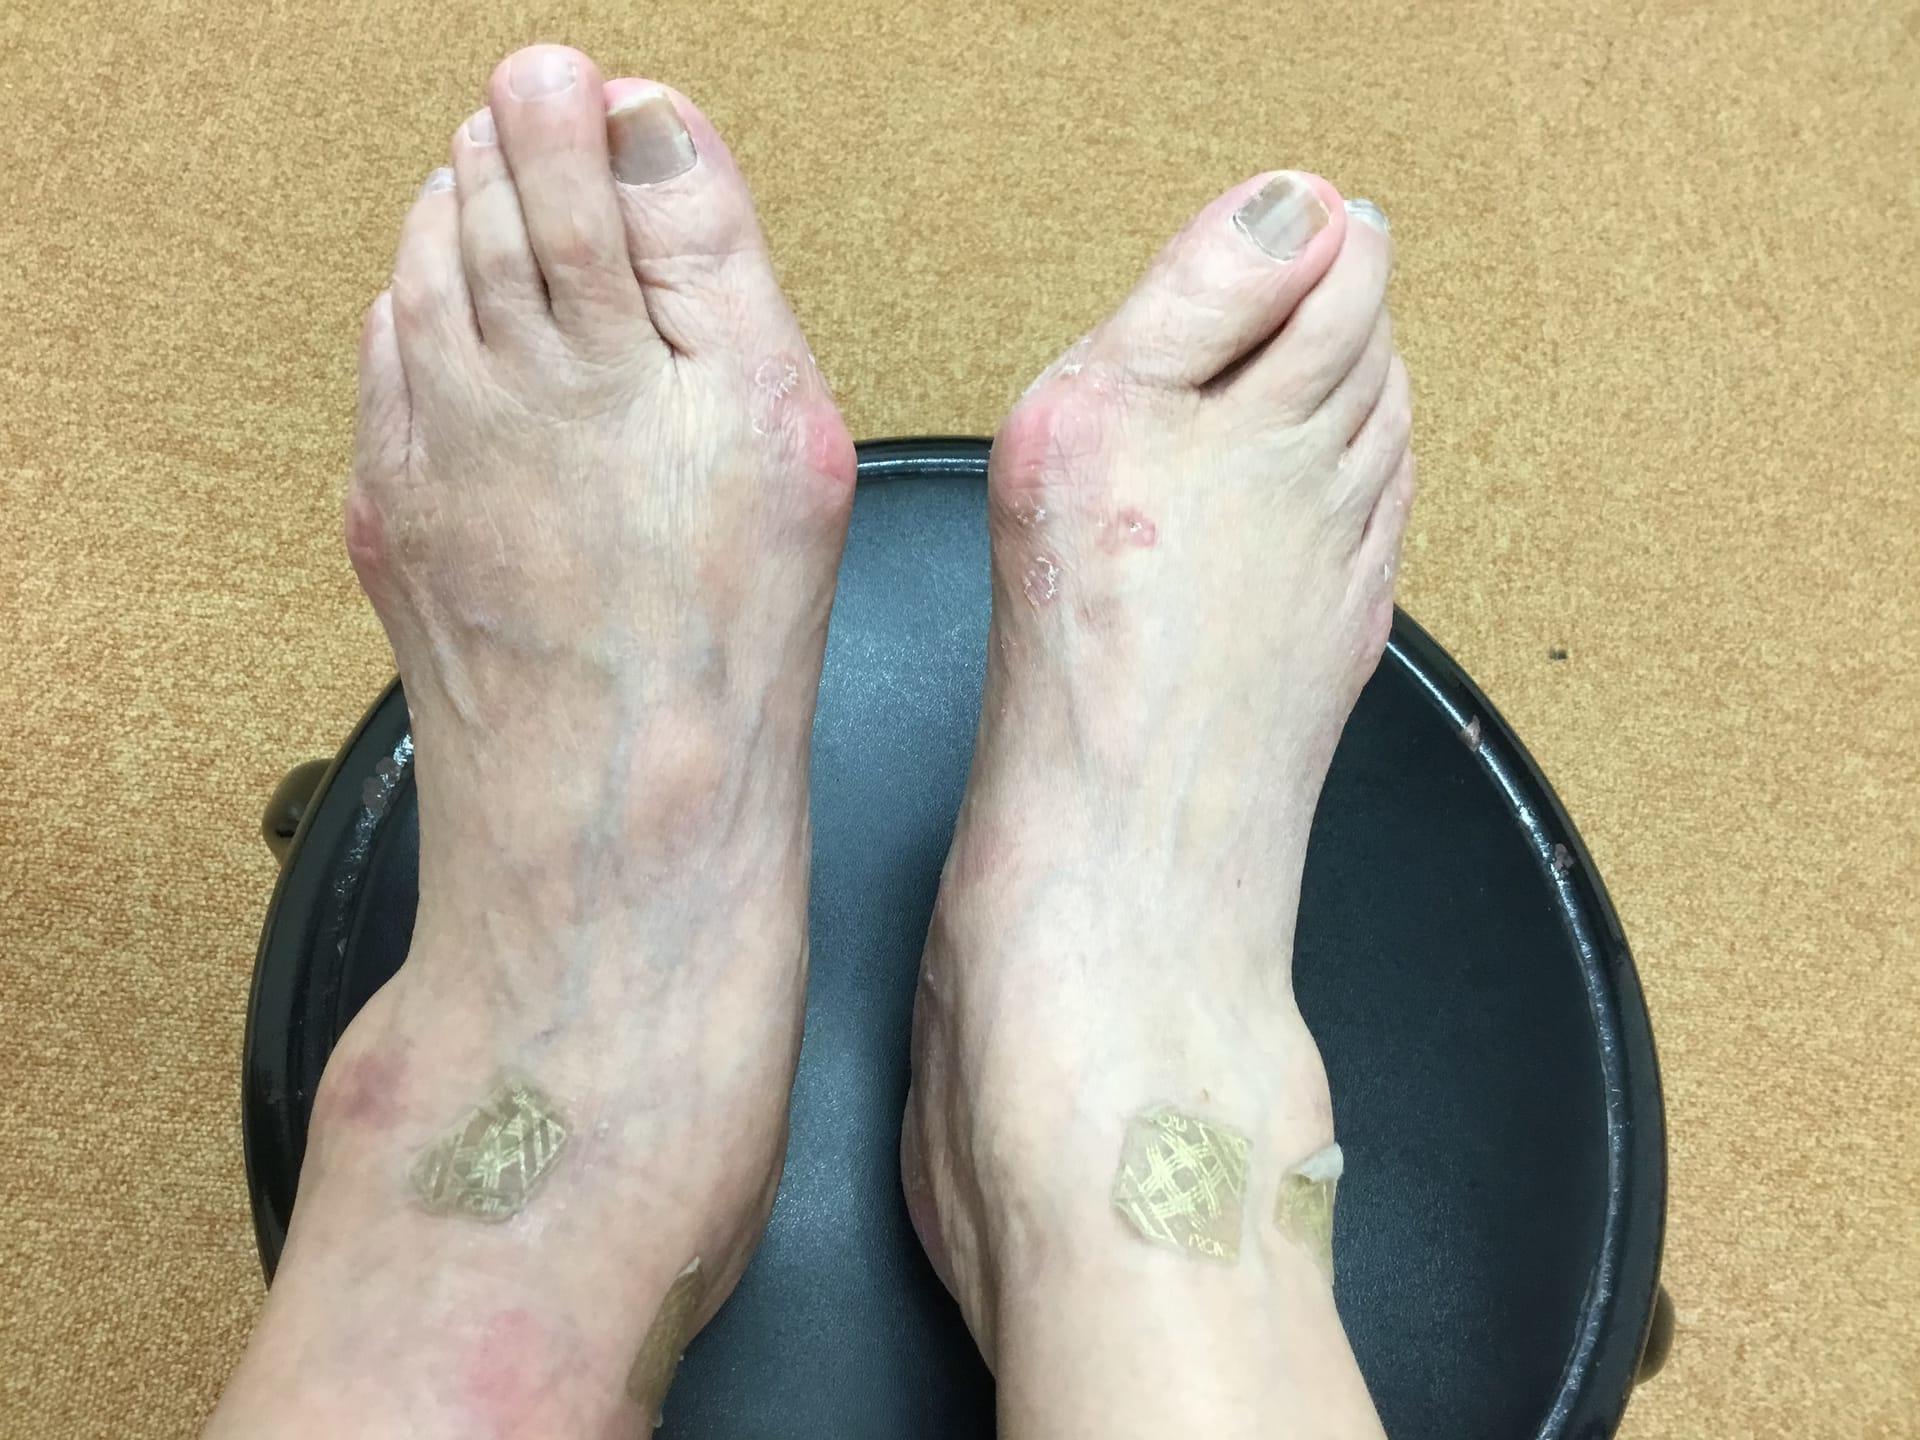 外反母趾であちこちの病院へ来院したが、どんどん色々な症状出る、なぜ?